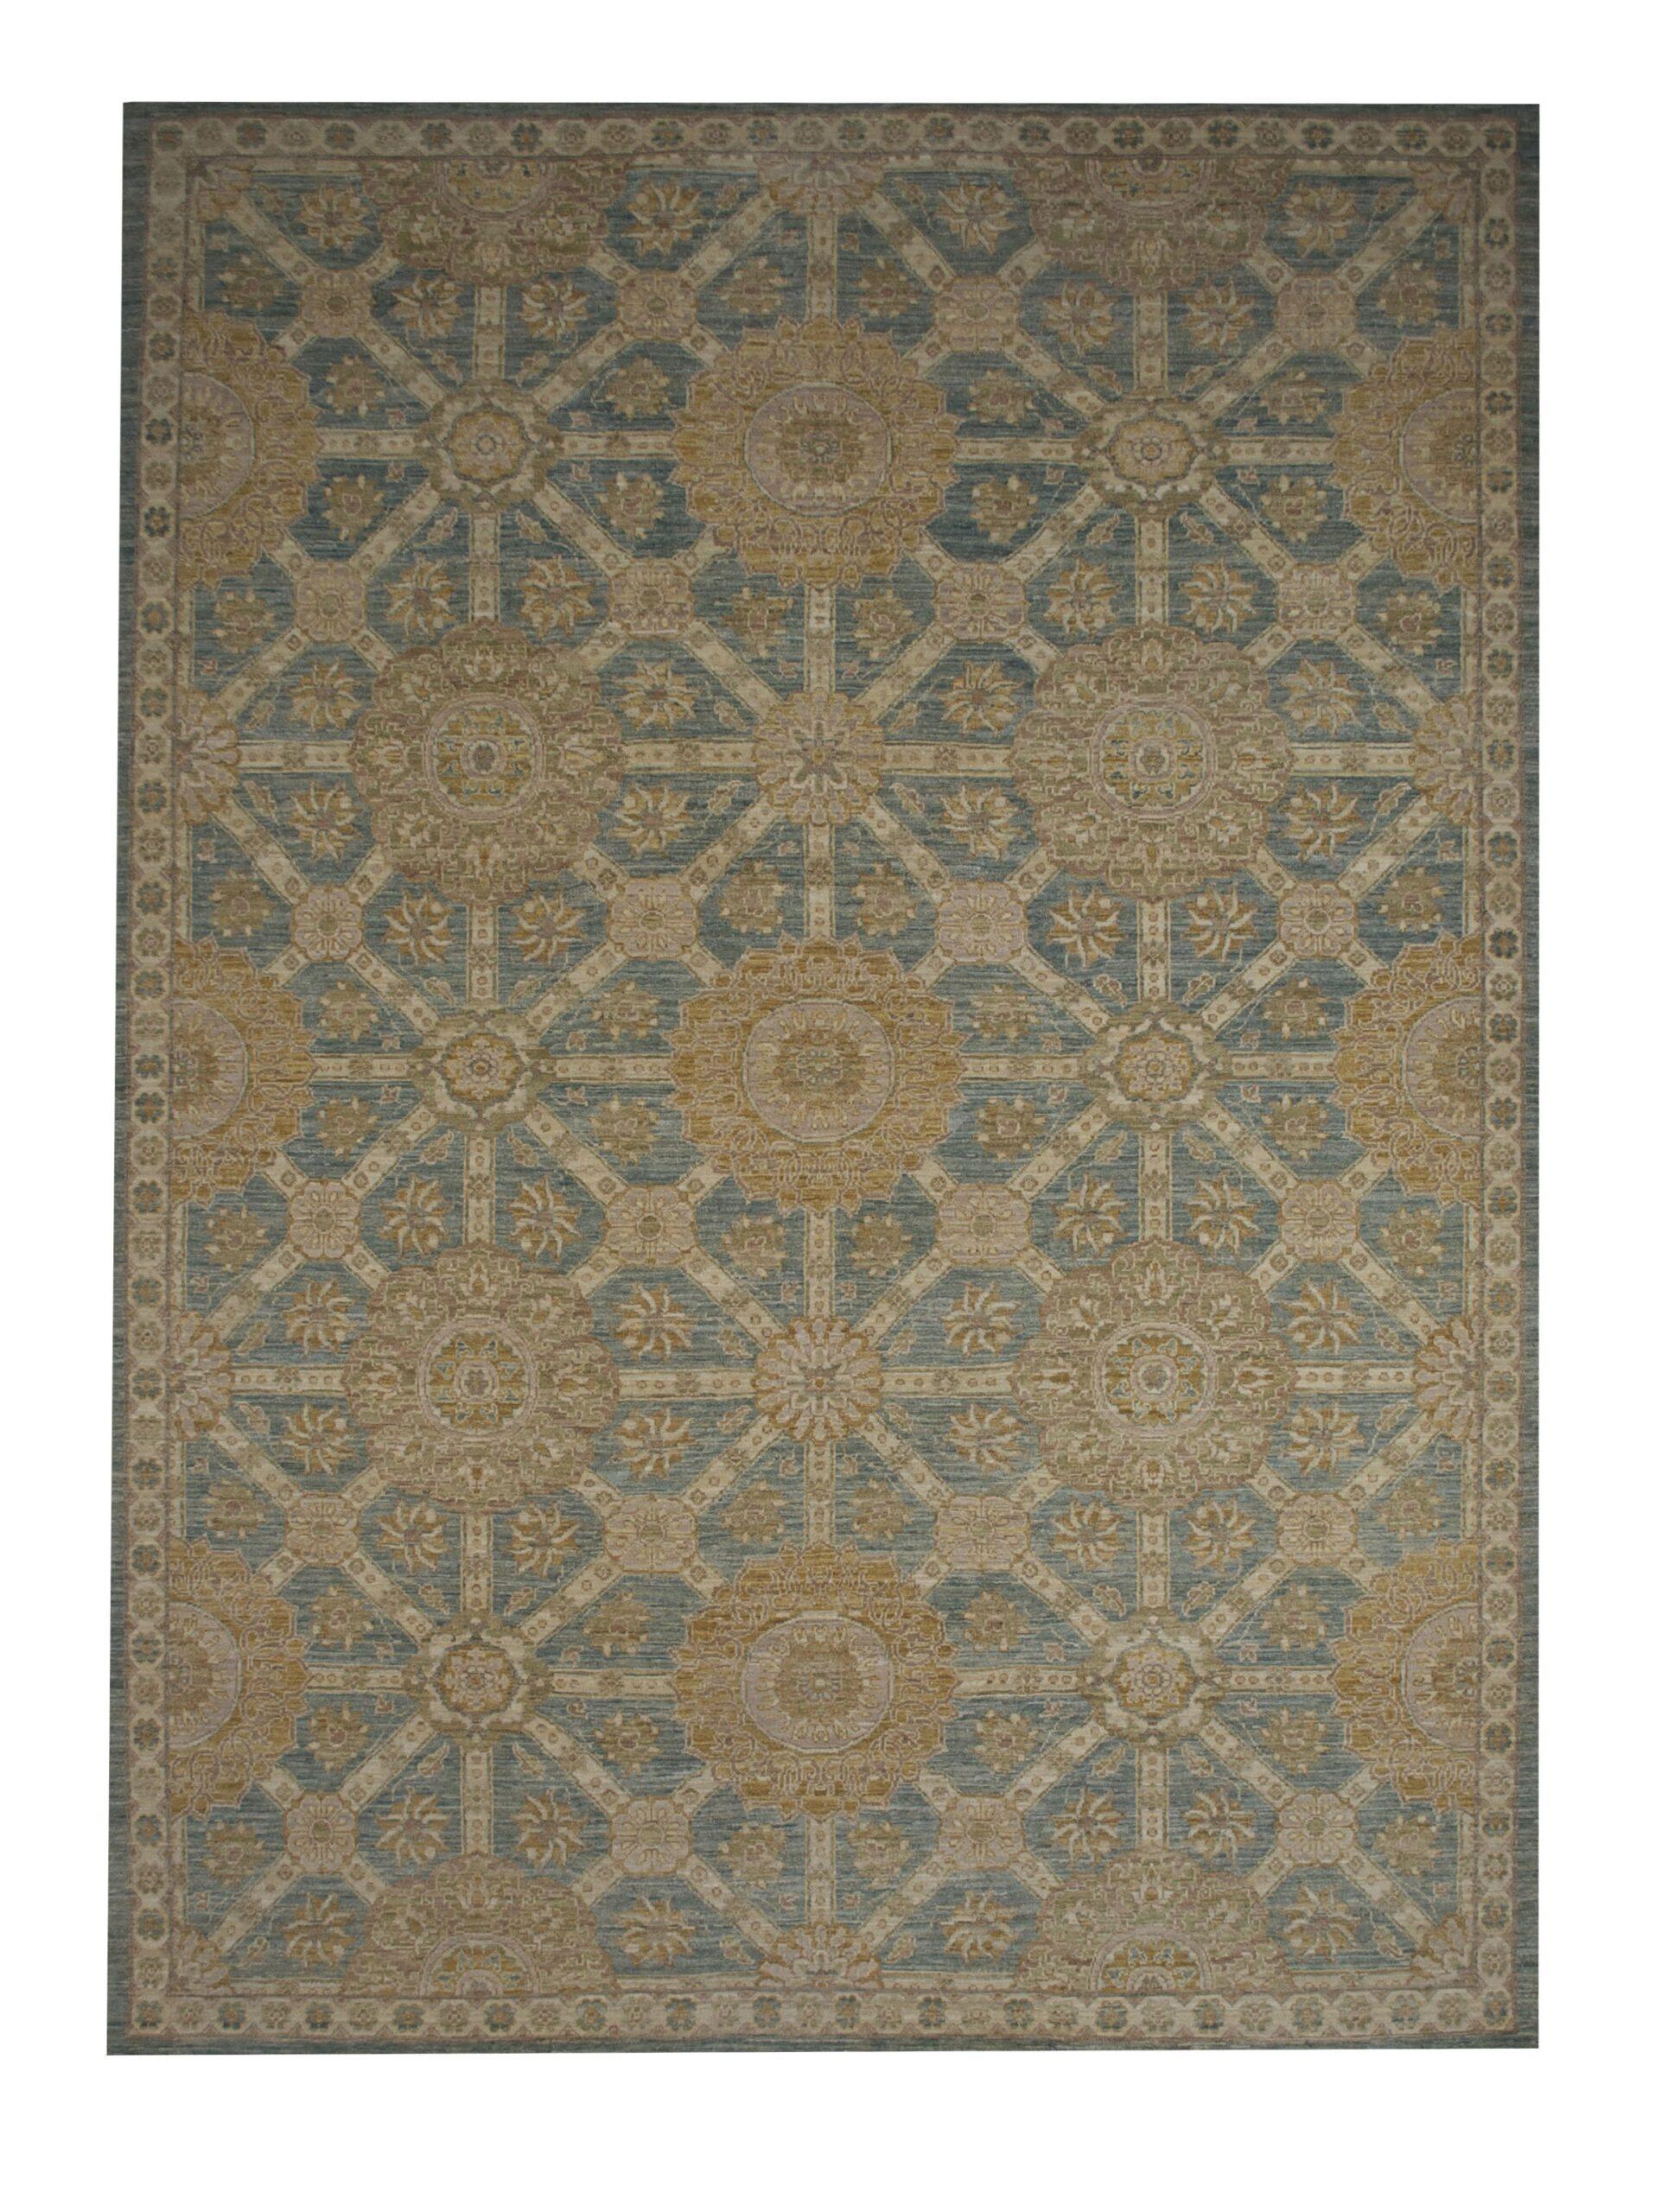 """Peshawar 6' 5"""" x 8' 8"""" Handmade Area Rug - Shabahang Royal Carpet"""